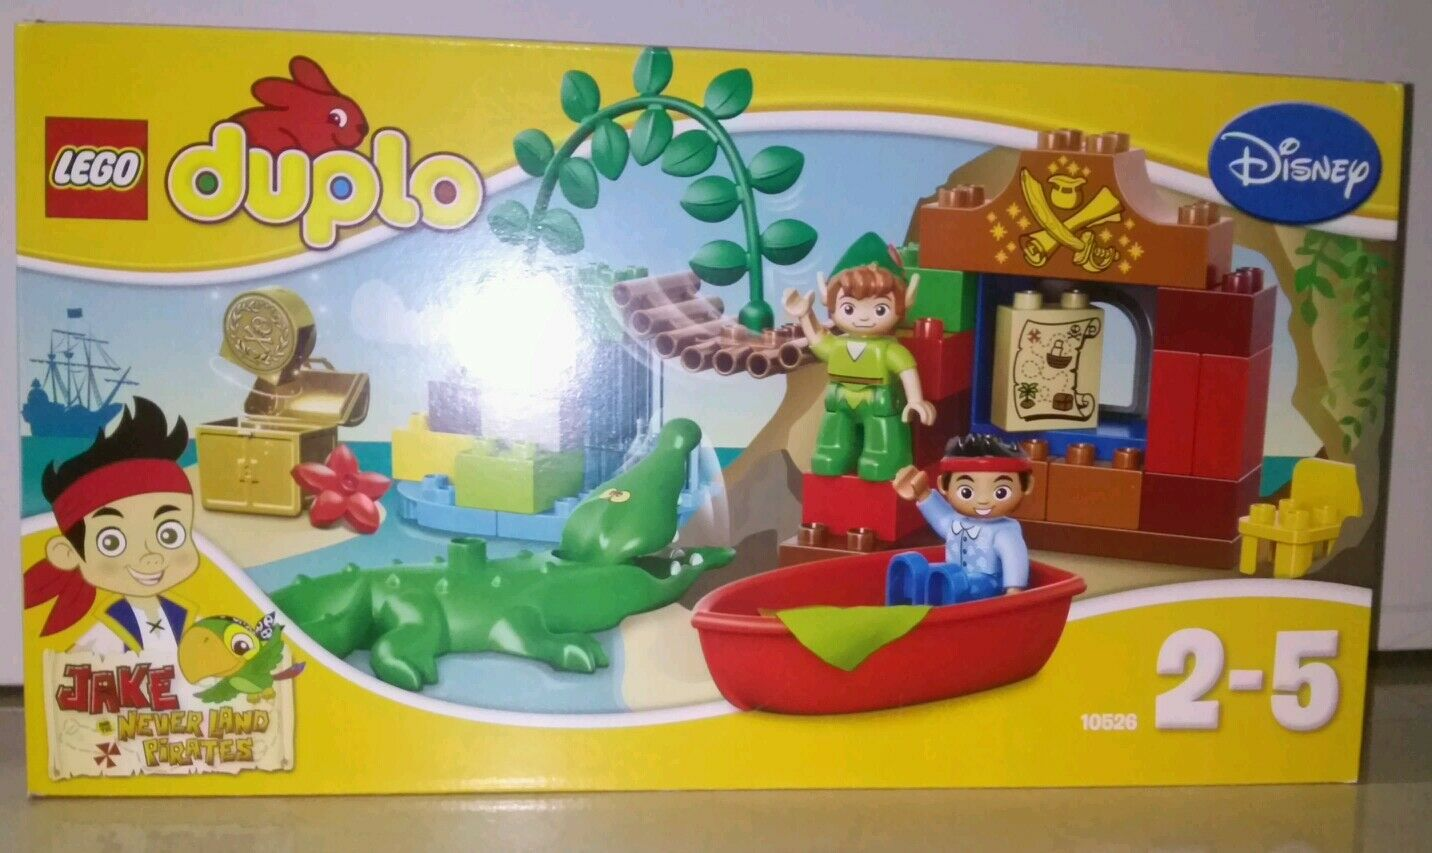 LEGO Duple 10526 Peter Pan s Besök (svår att hitta) fri flygagagpost